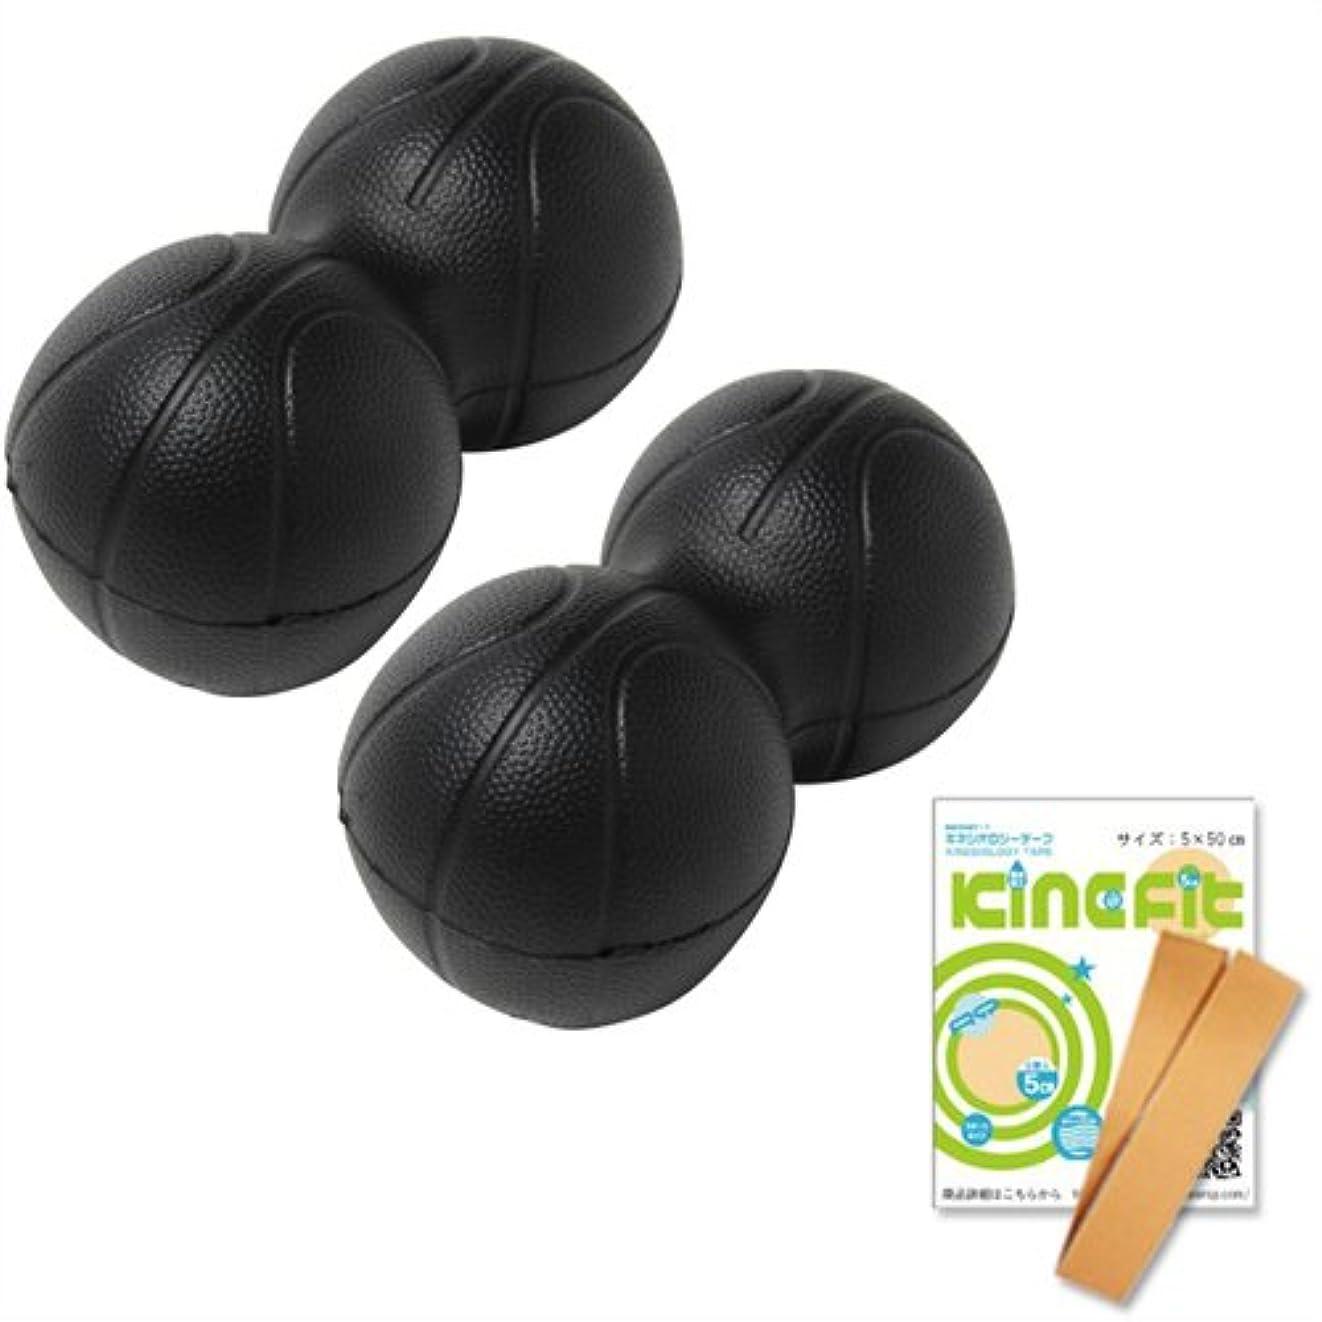 担保テクスチャートラックパワーポジションボール ×2個セット + キネシオロジーテープ キネフィットお試し用50cm セット